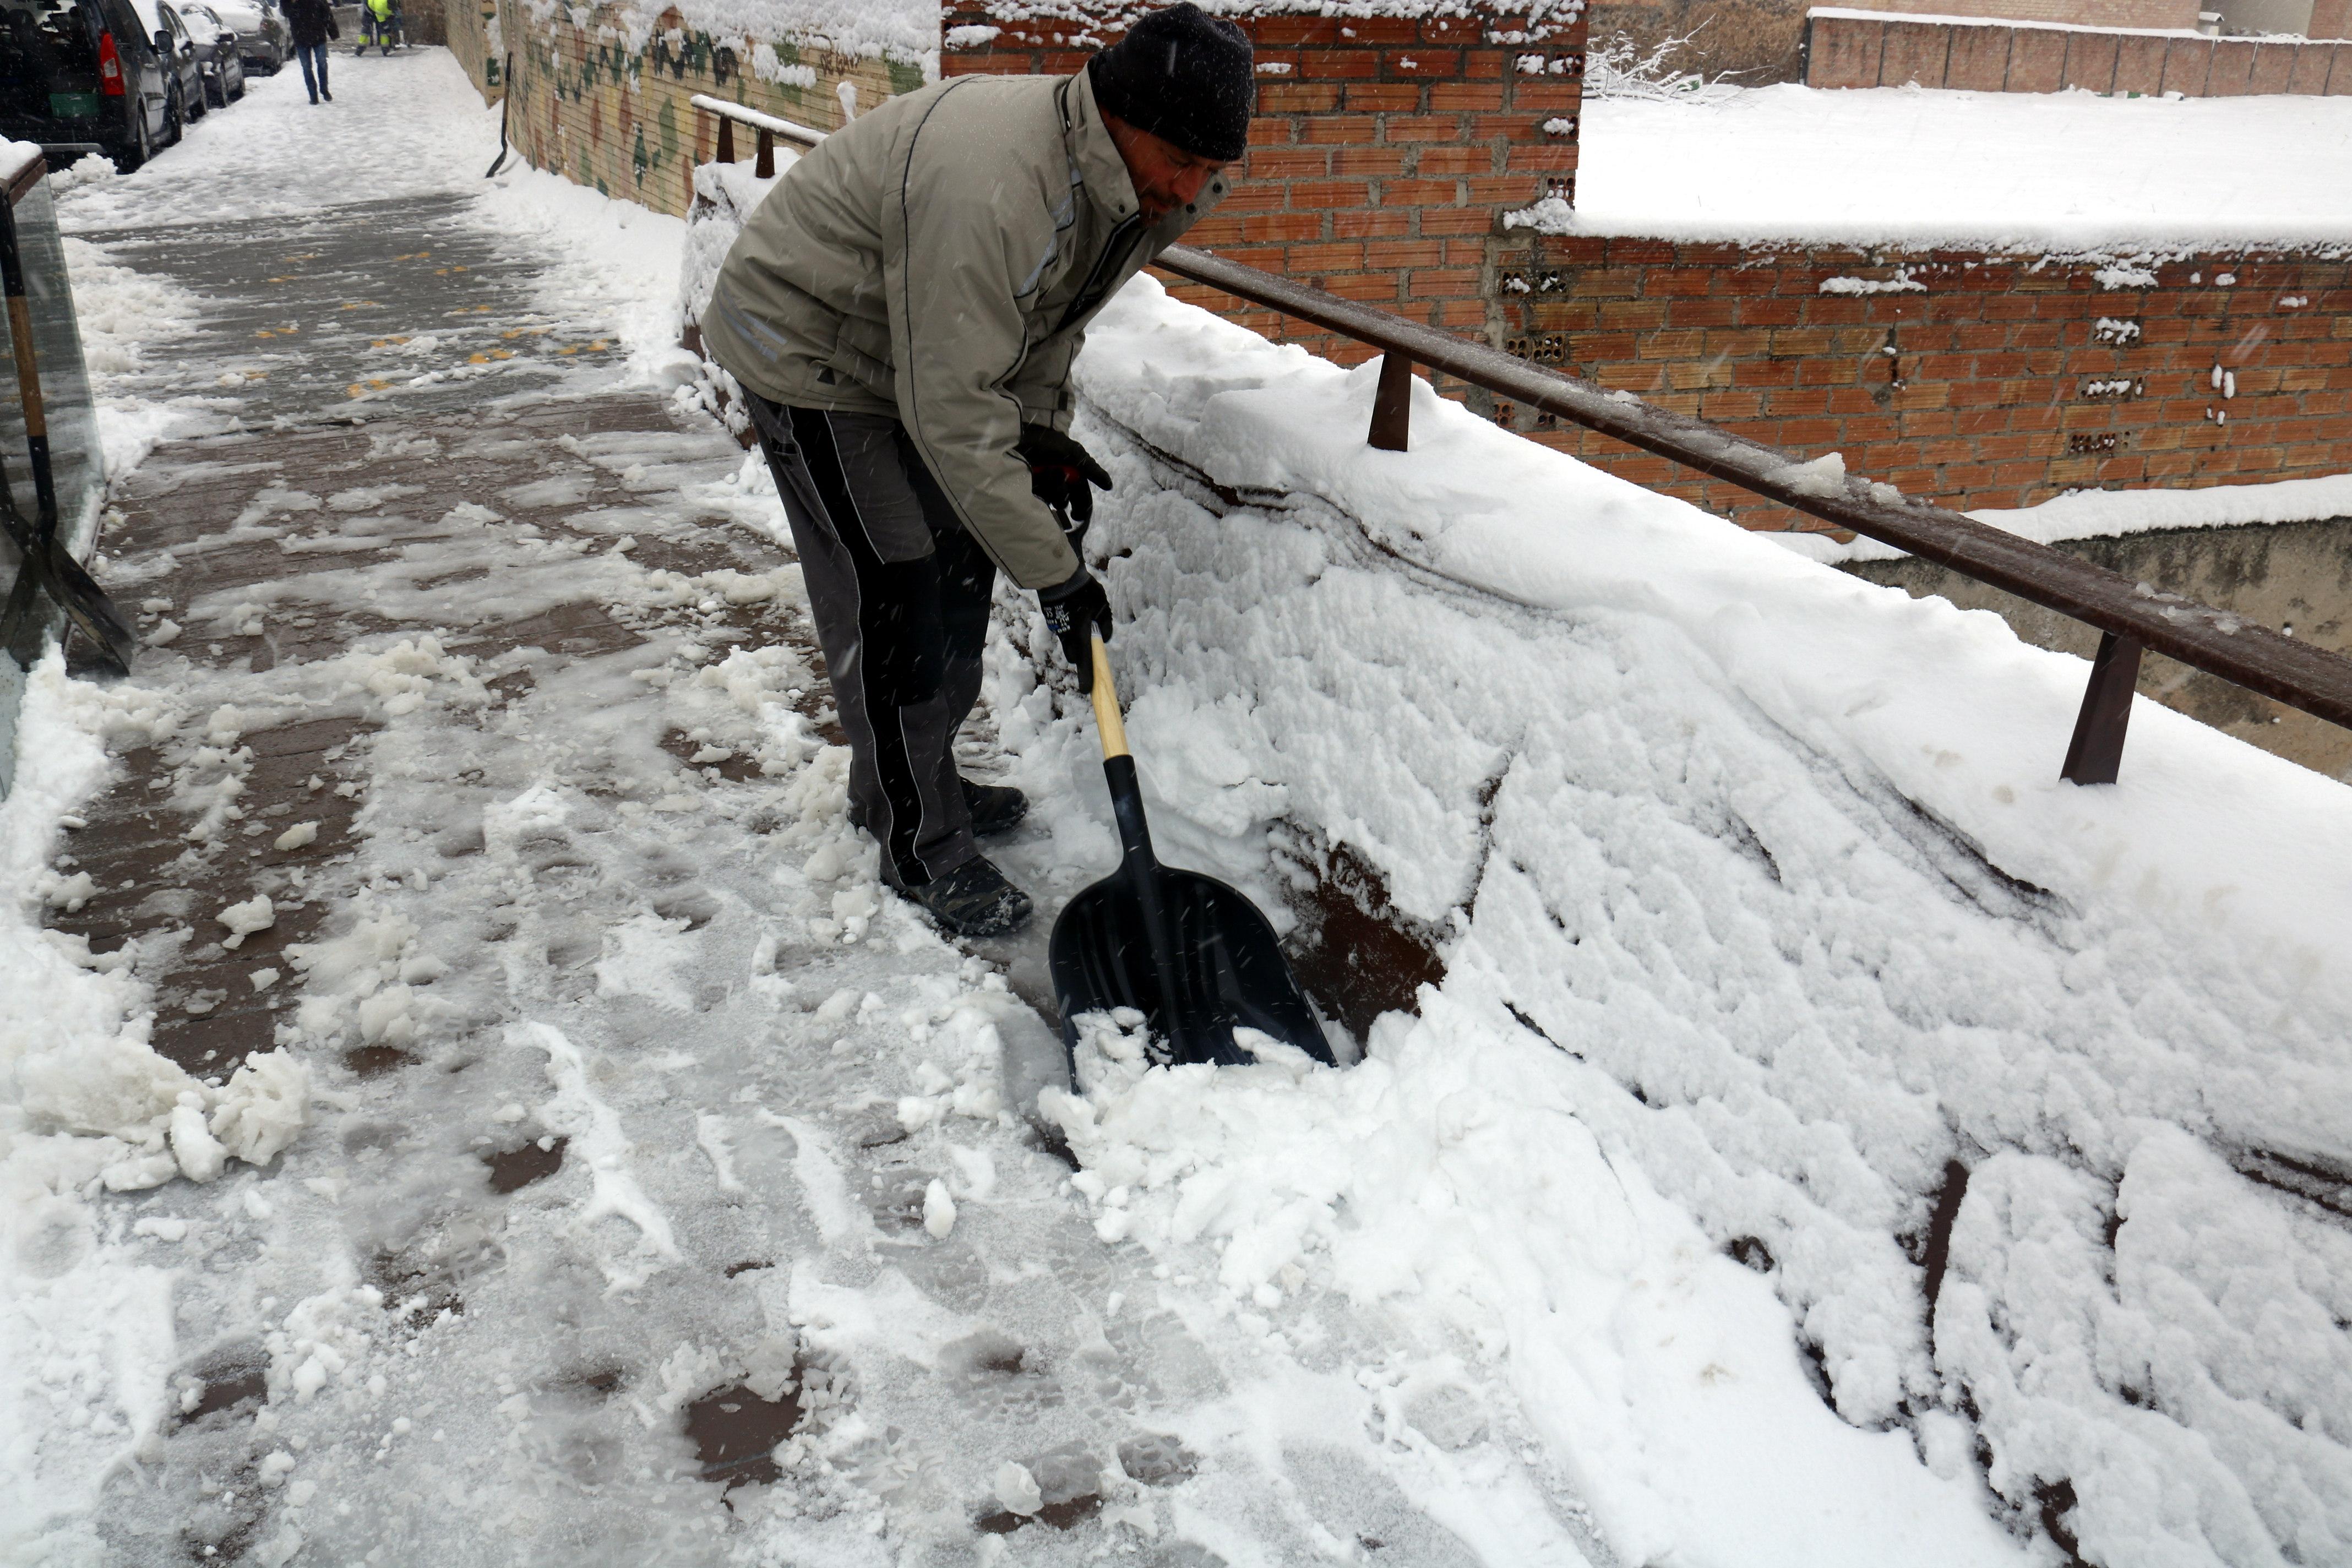 La nevada es fa notar amb contundència a la zona nord de l'Urgell i a la Noguera